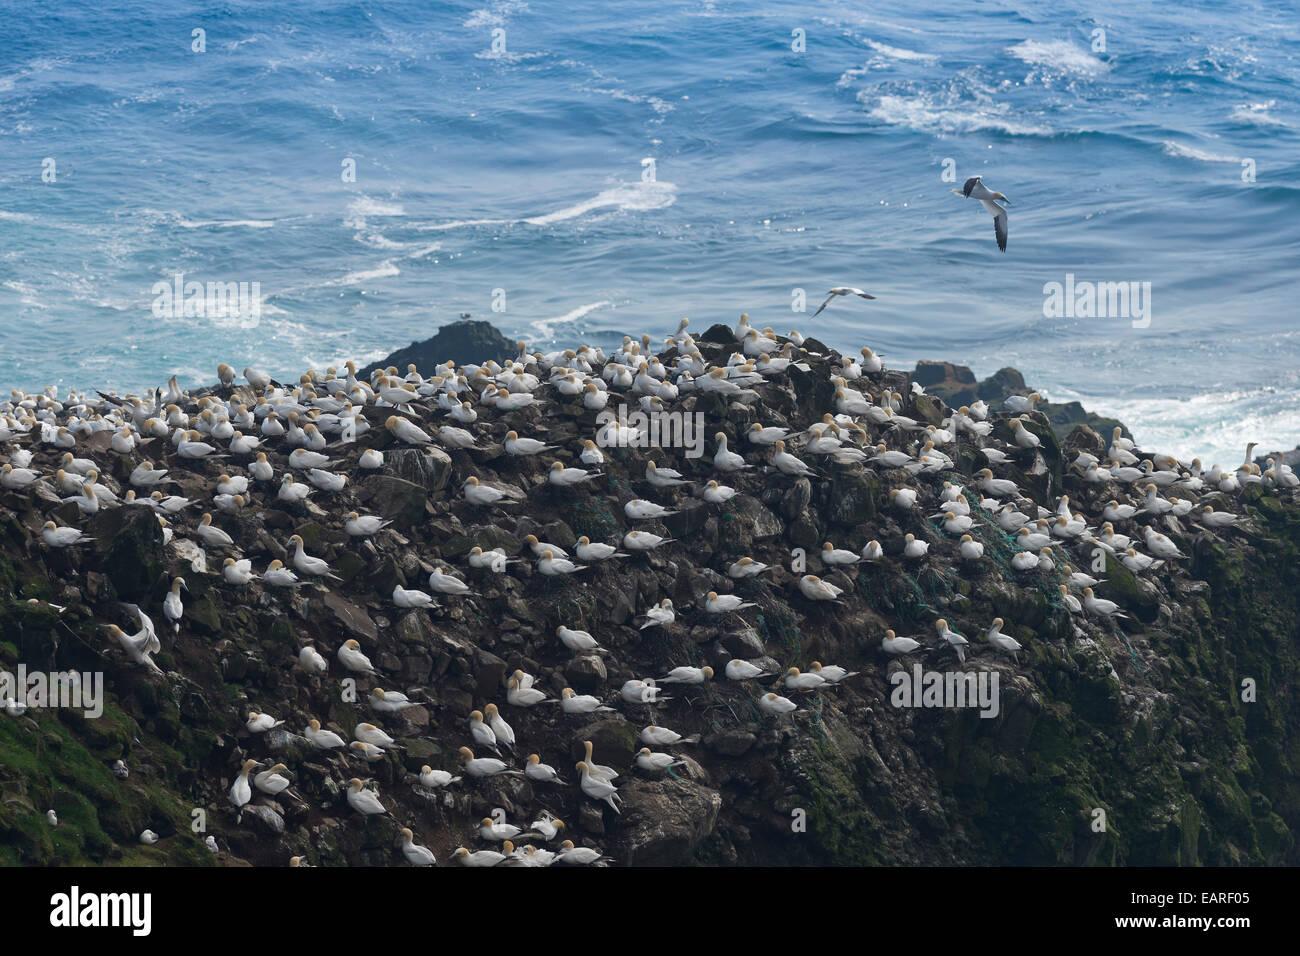 Gannet colony, gannets (Morus bassana), Mykines, Faroe Islands, Denmark - Stock Image